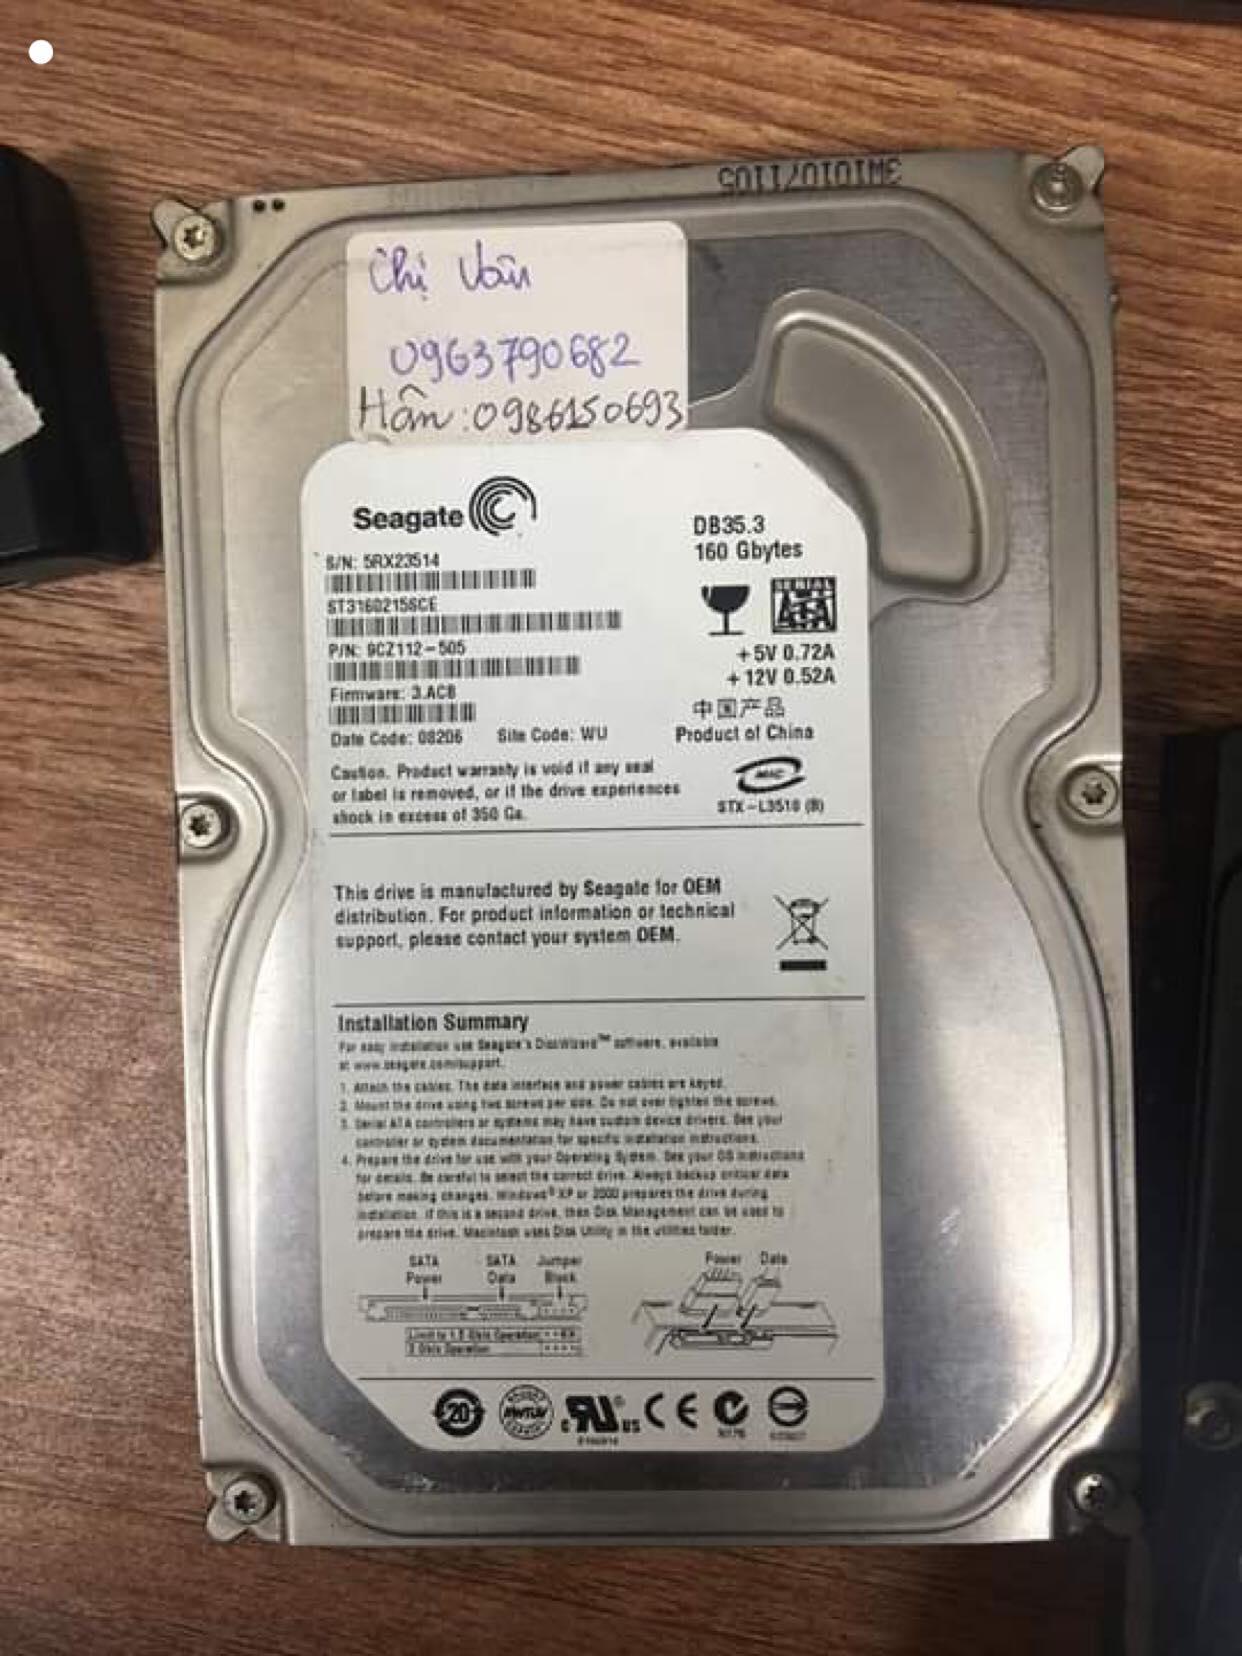 Cứu dữ liệu ổ cứng Seagate 160GB lỗi cơ 03/05/2019 - cuumaytinh